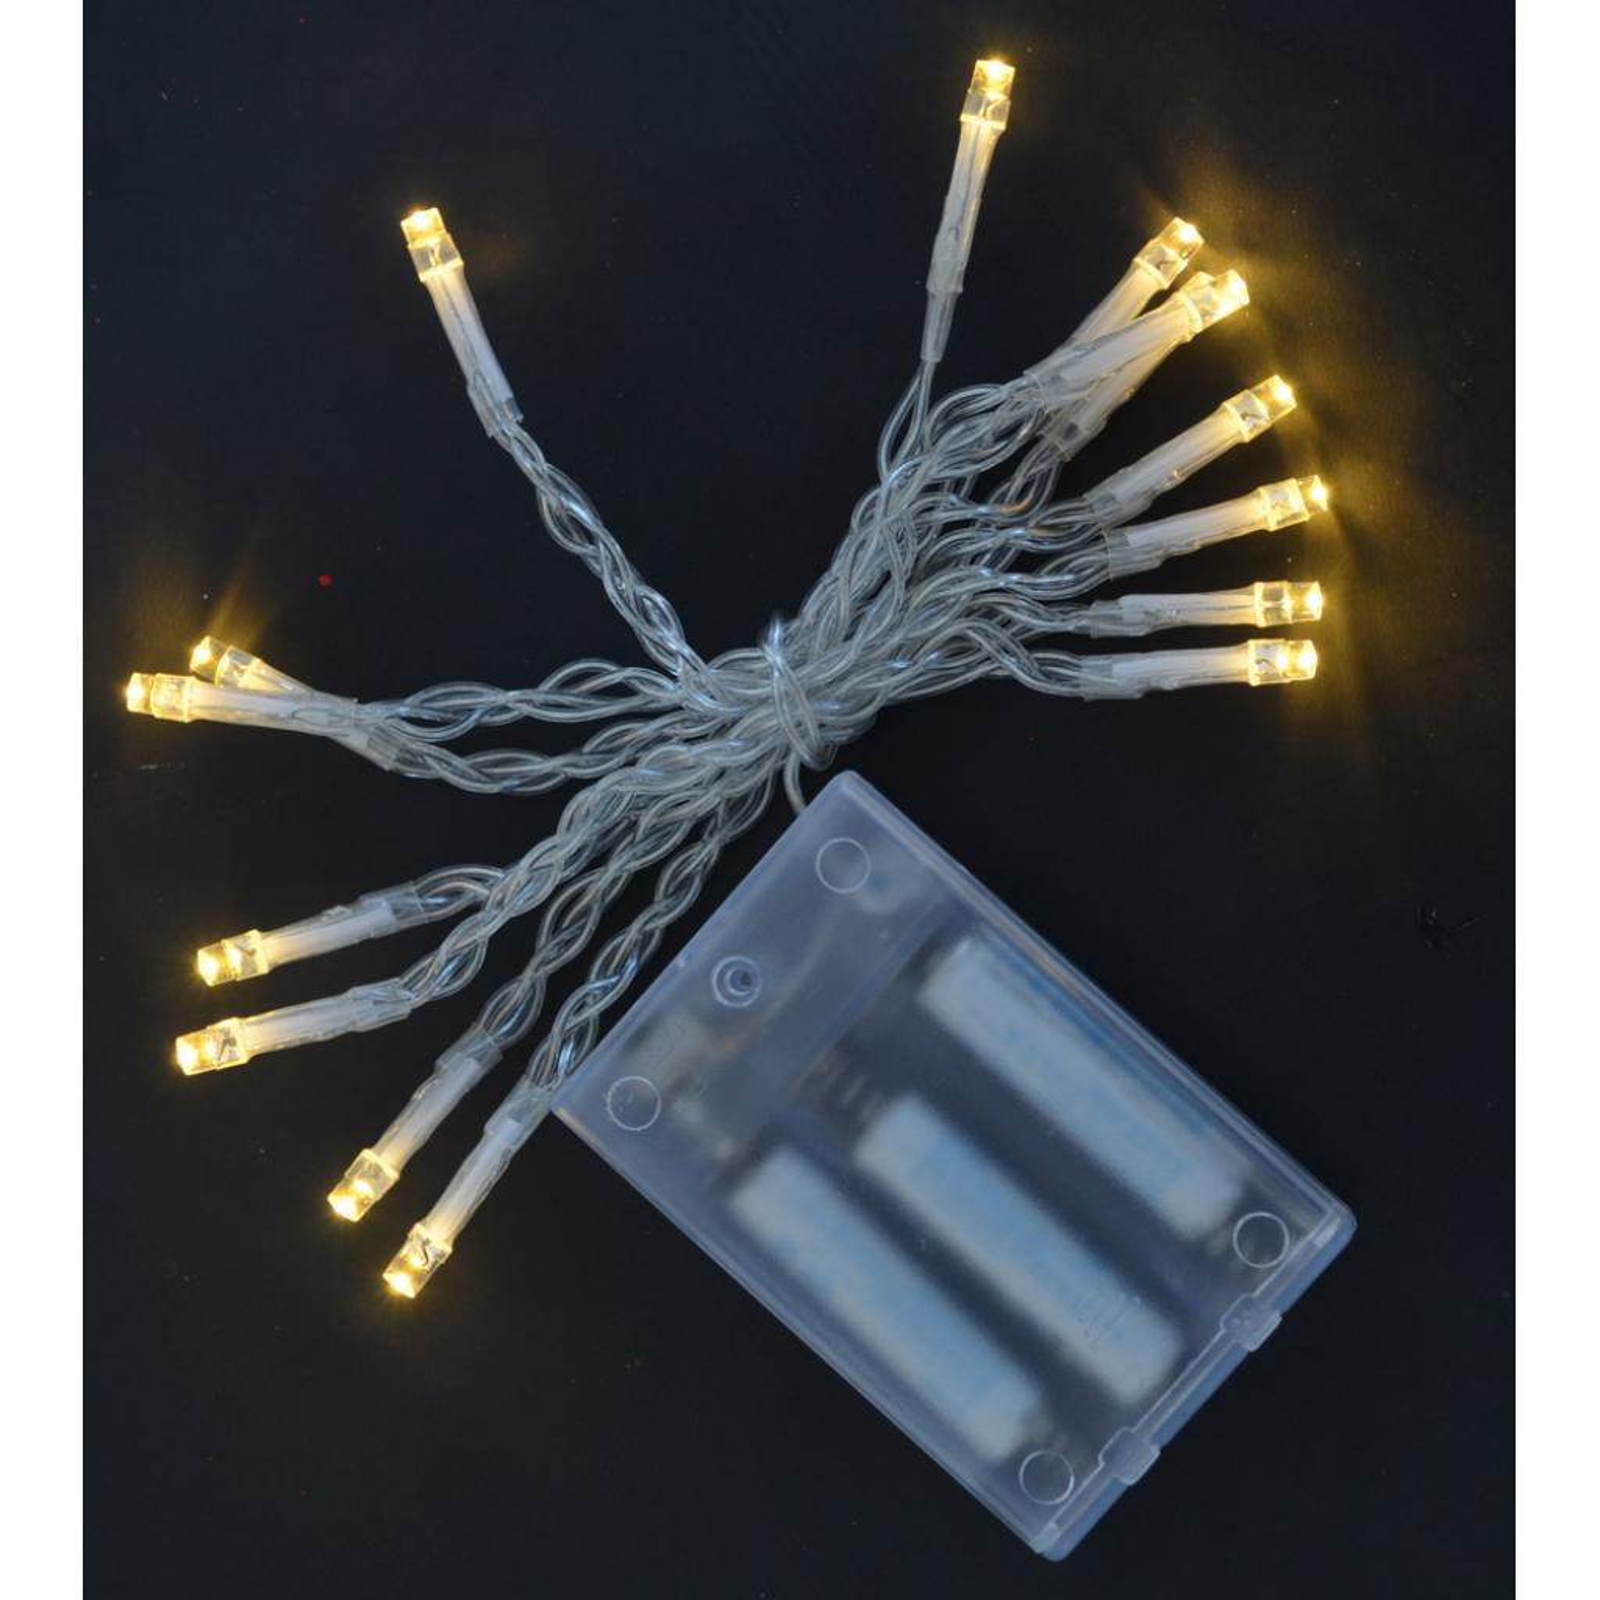 Гирлянда YES! Fun 15 LED лампочек, молочно-белая, 1,6 м (801126)